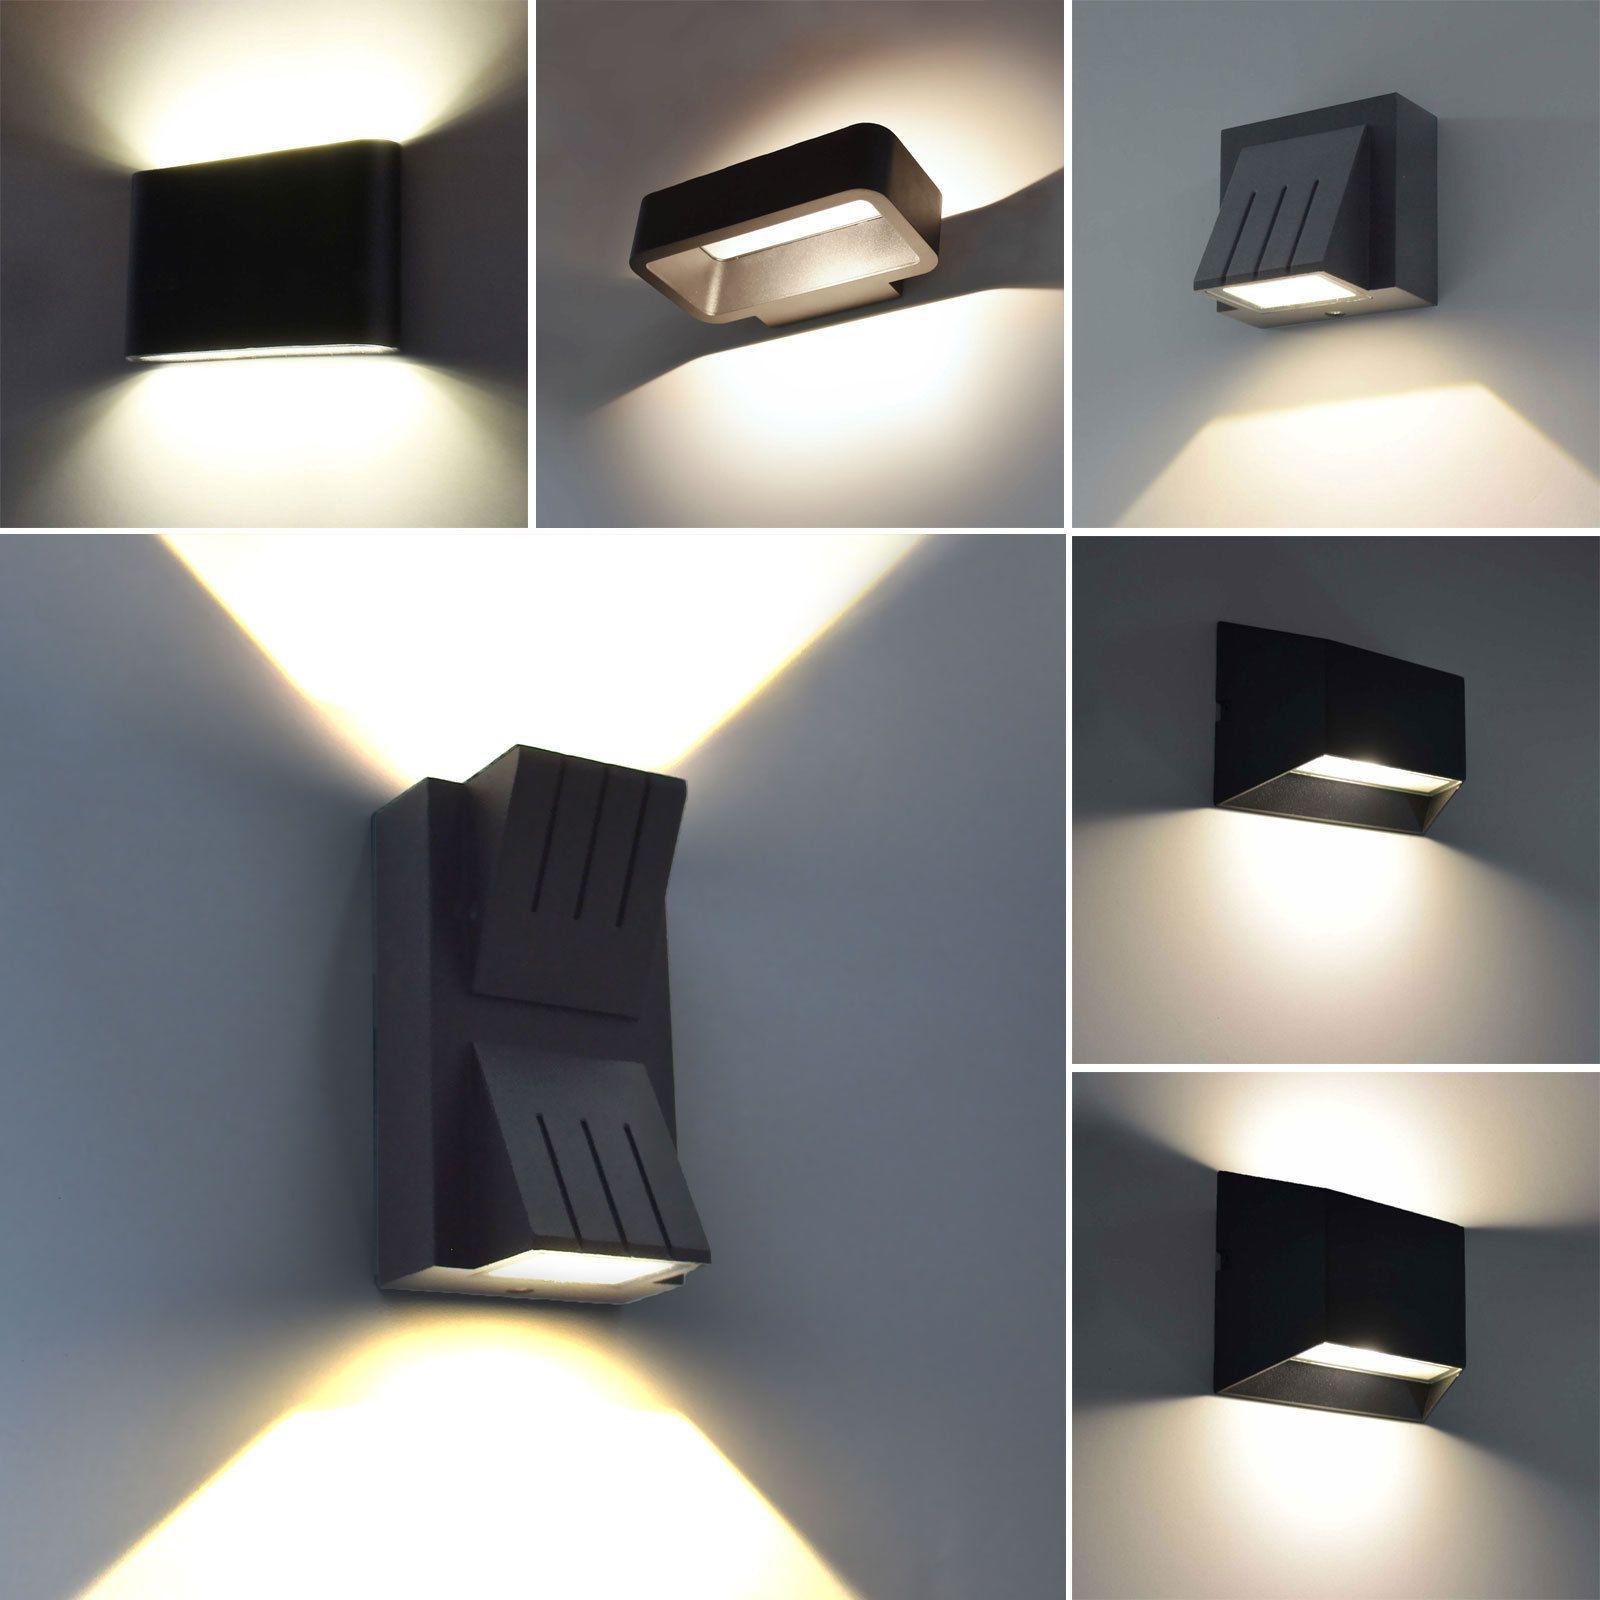 Moderne Led Aussenleuchte Wandleuchte Aussenlampe Up Down Lampe Leuchte Schwarz Ebay Aussenlampe Indirekte Beleuchtung Wohnzimmer Hausbeleuchtung